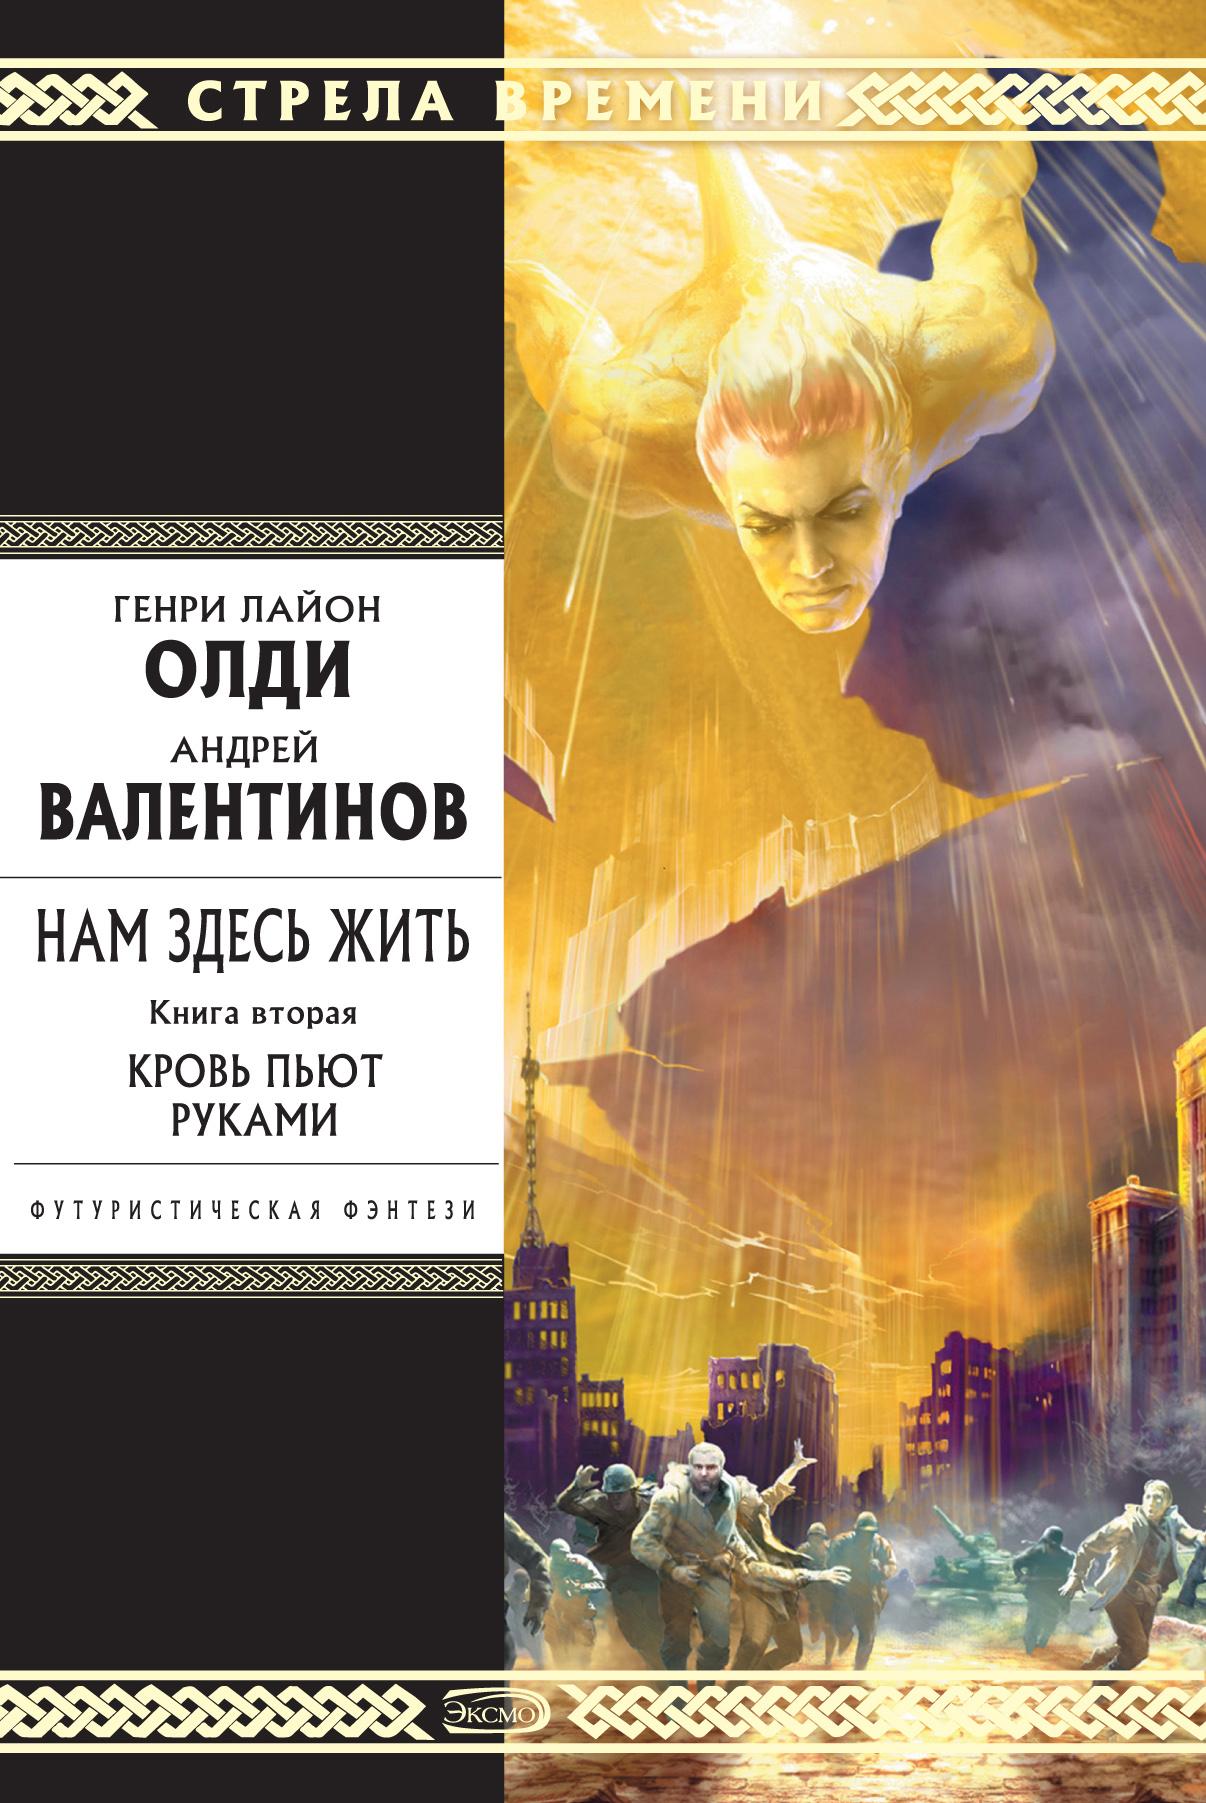 Генри Олди, Андрей Валентинов «Кровь пьют руками»